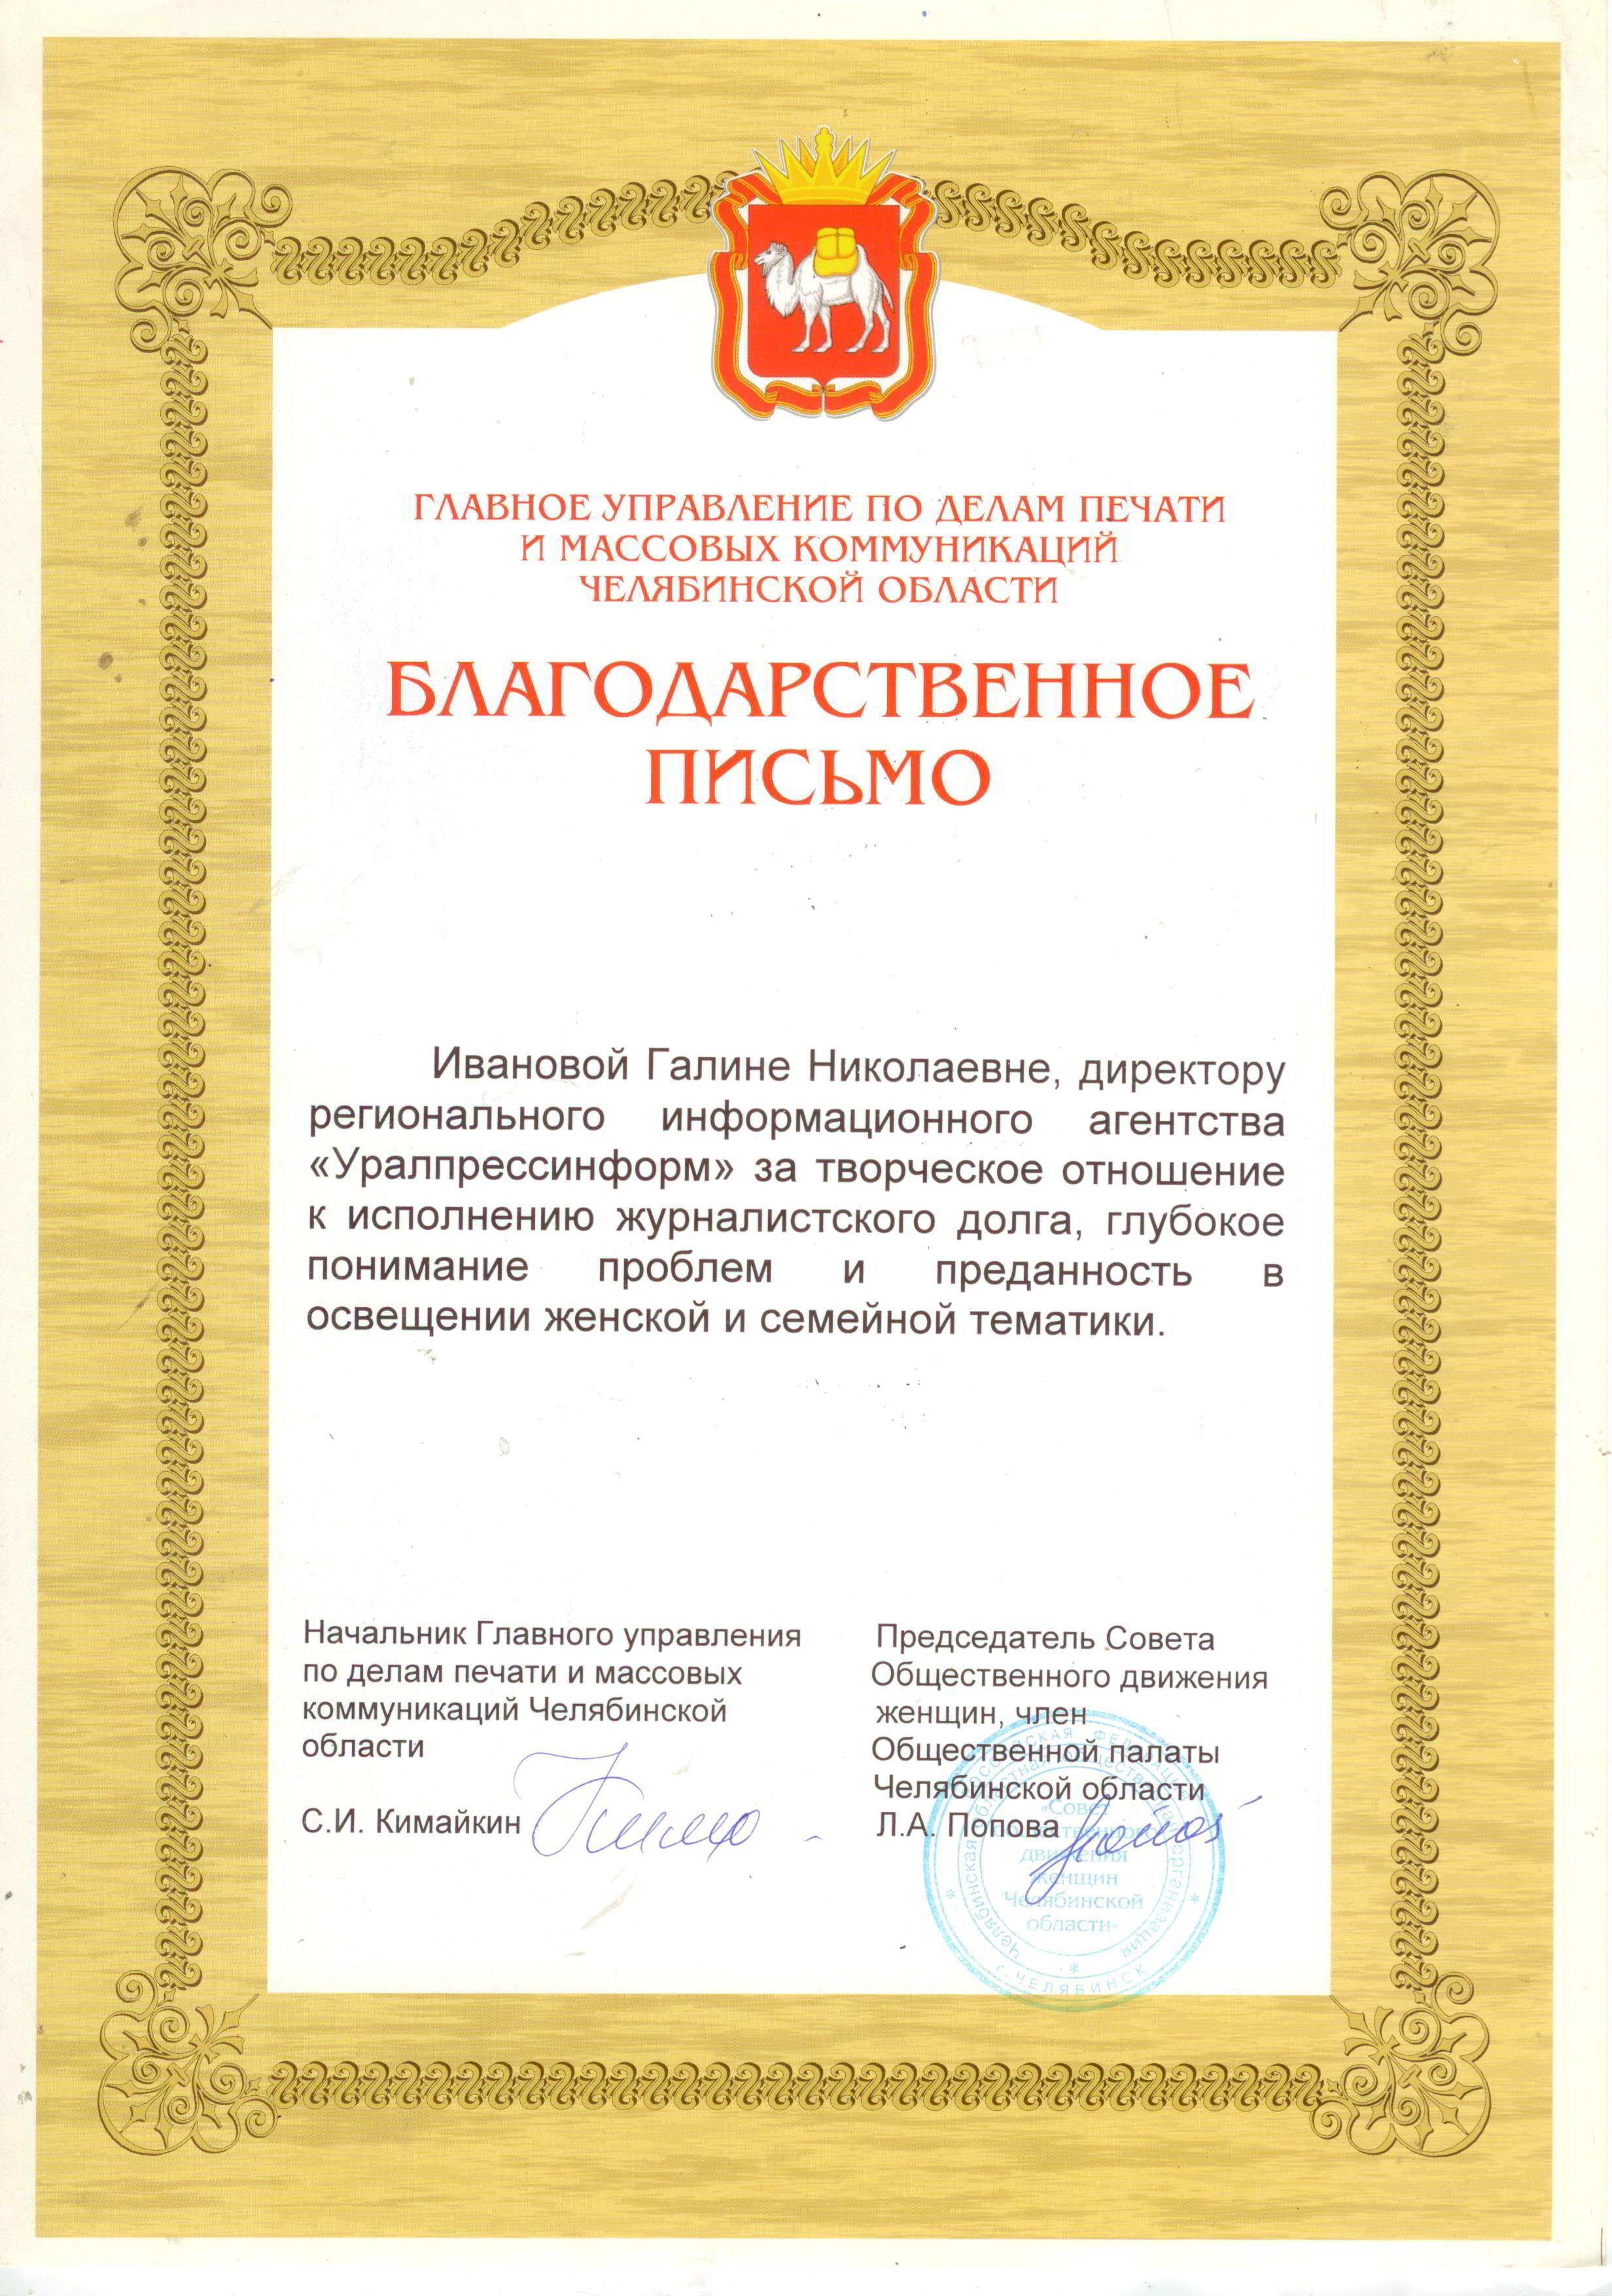 2014   Главное управление по делам печати и массовых коммуникаций Челябинской области